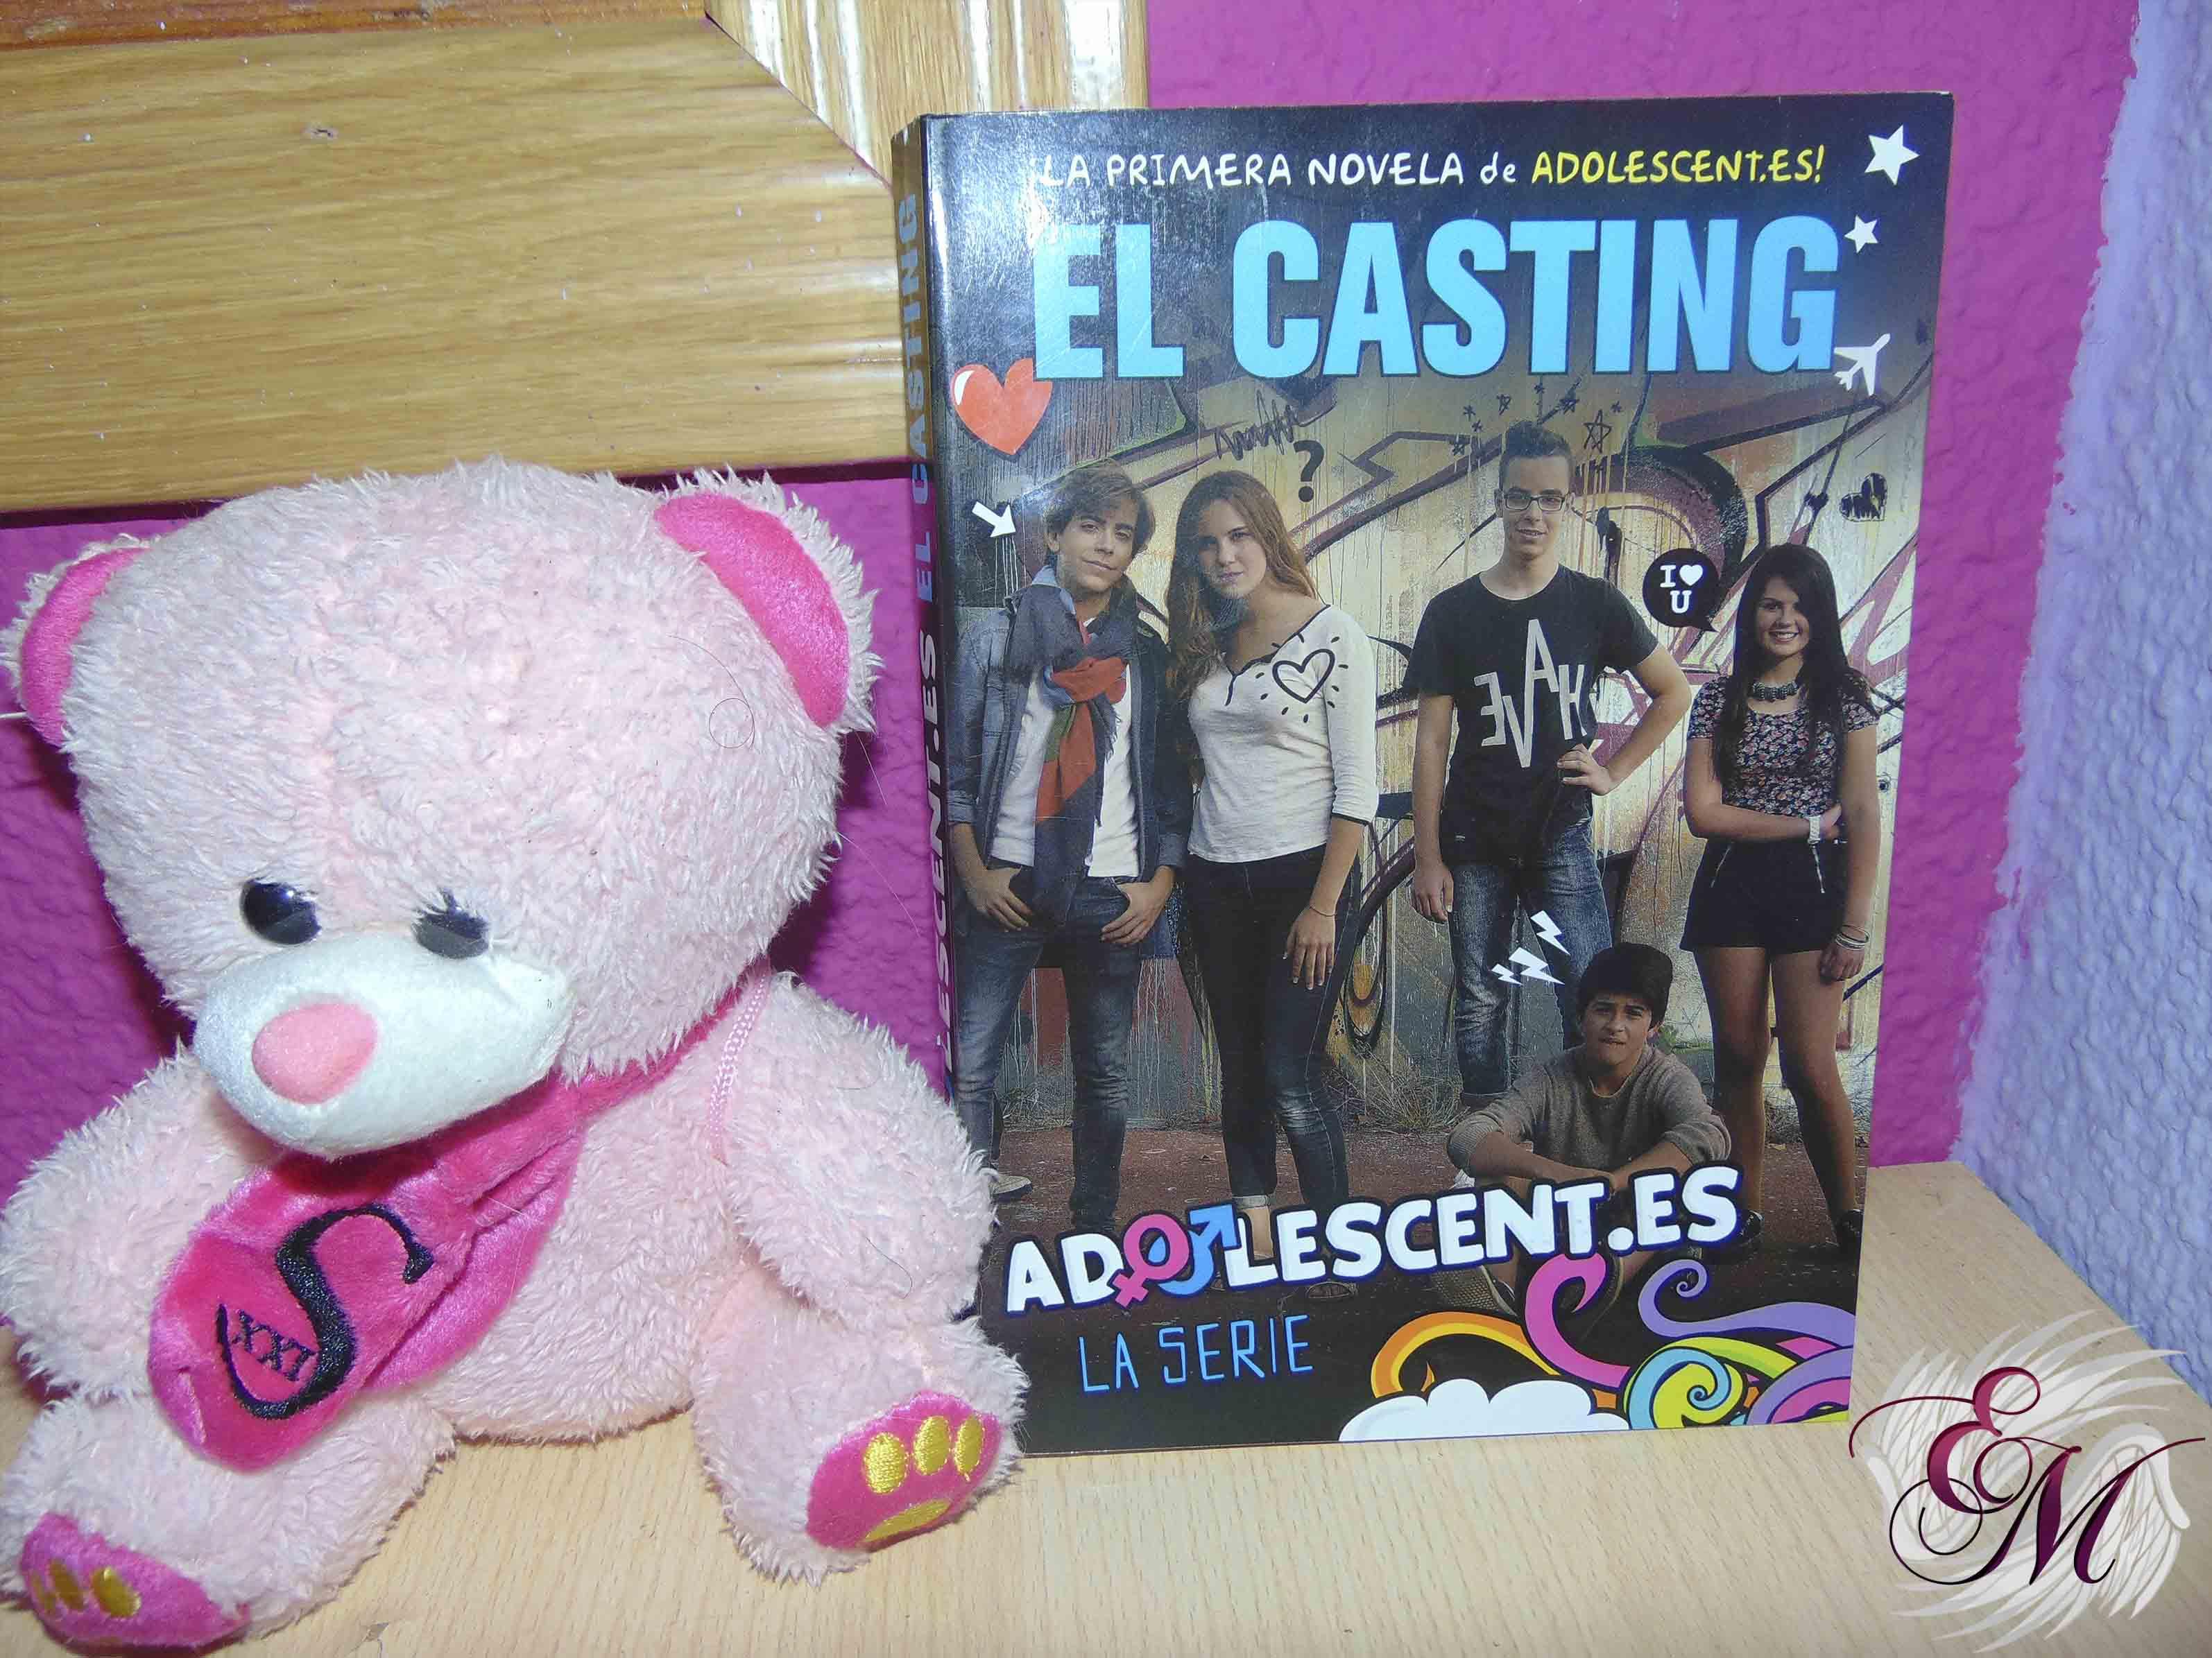 El casting, de Ernest Codina, Núria Codina, Roger Carandell - Reseña